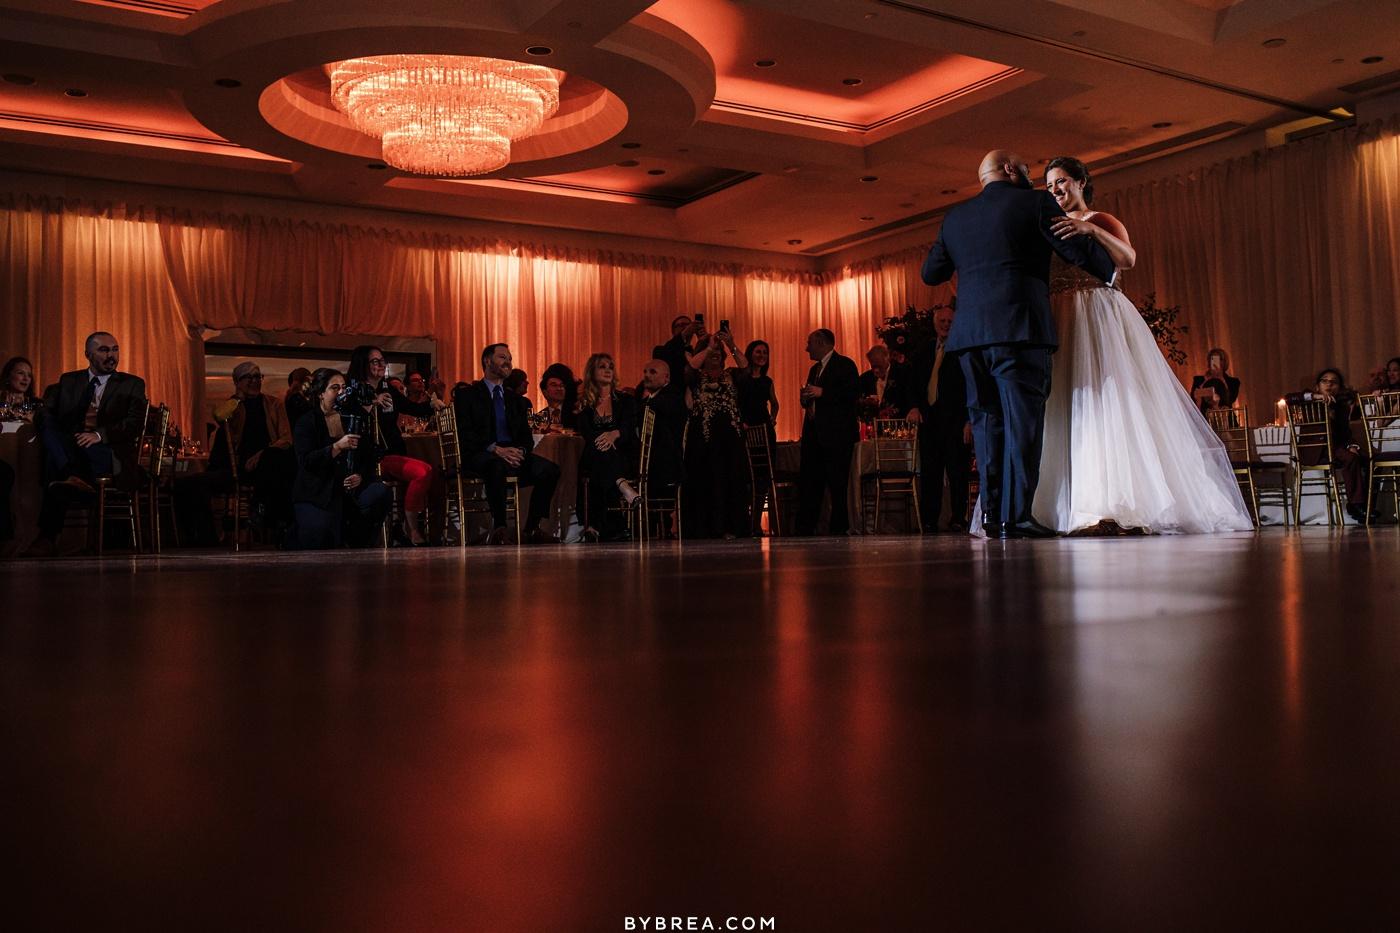 Photograph of first dance Washington D.C. wedding Park Hyatt